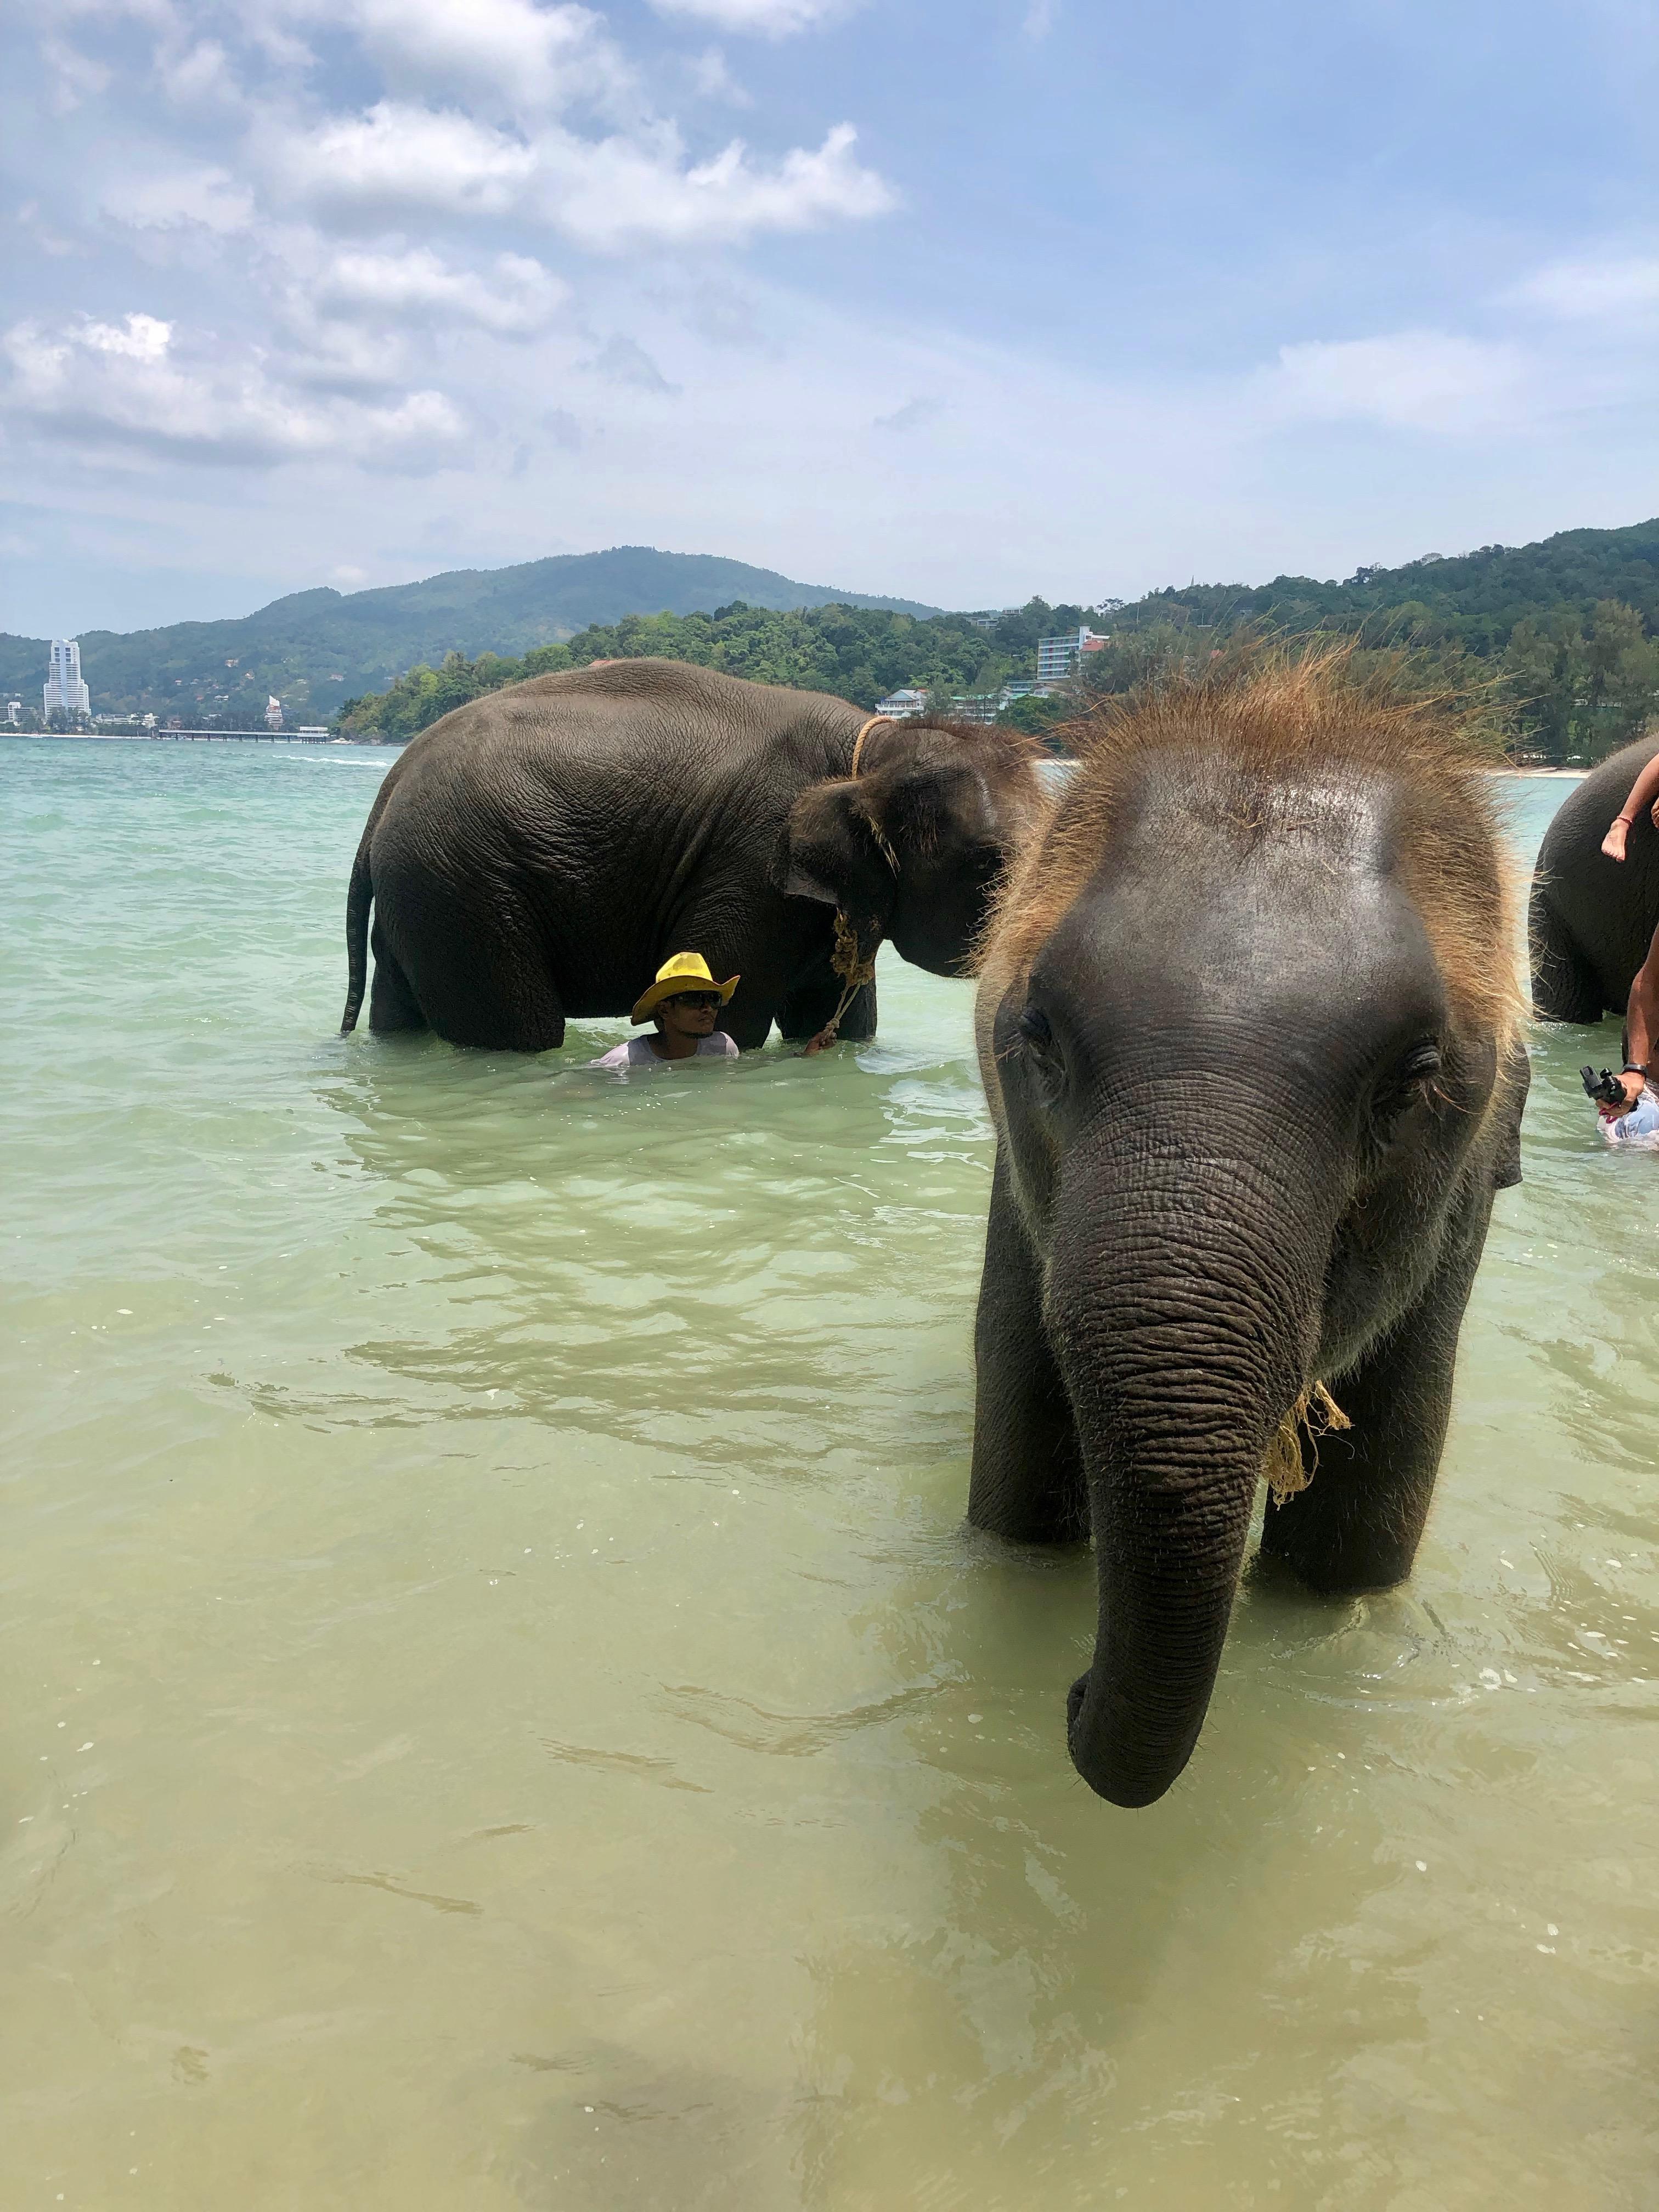 thewelltravelledfamily tri trang beach elephants